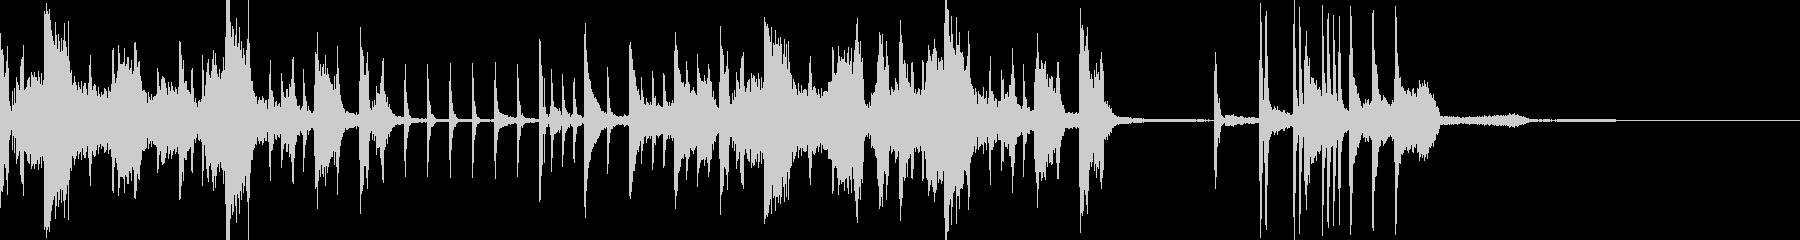 トゥワークなシンキングタイム音の未再生の波形